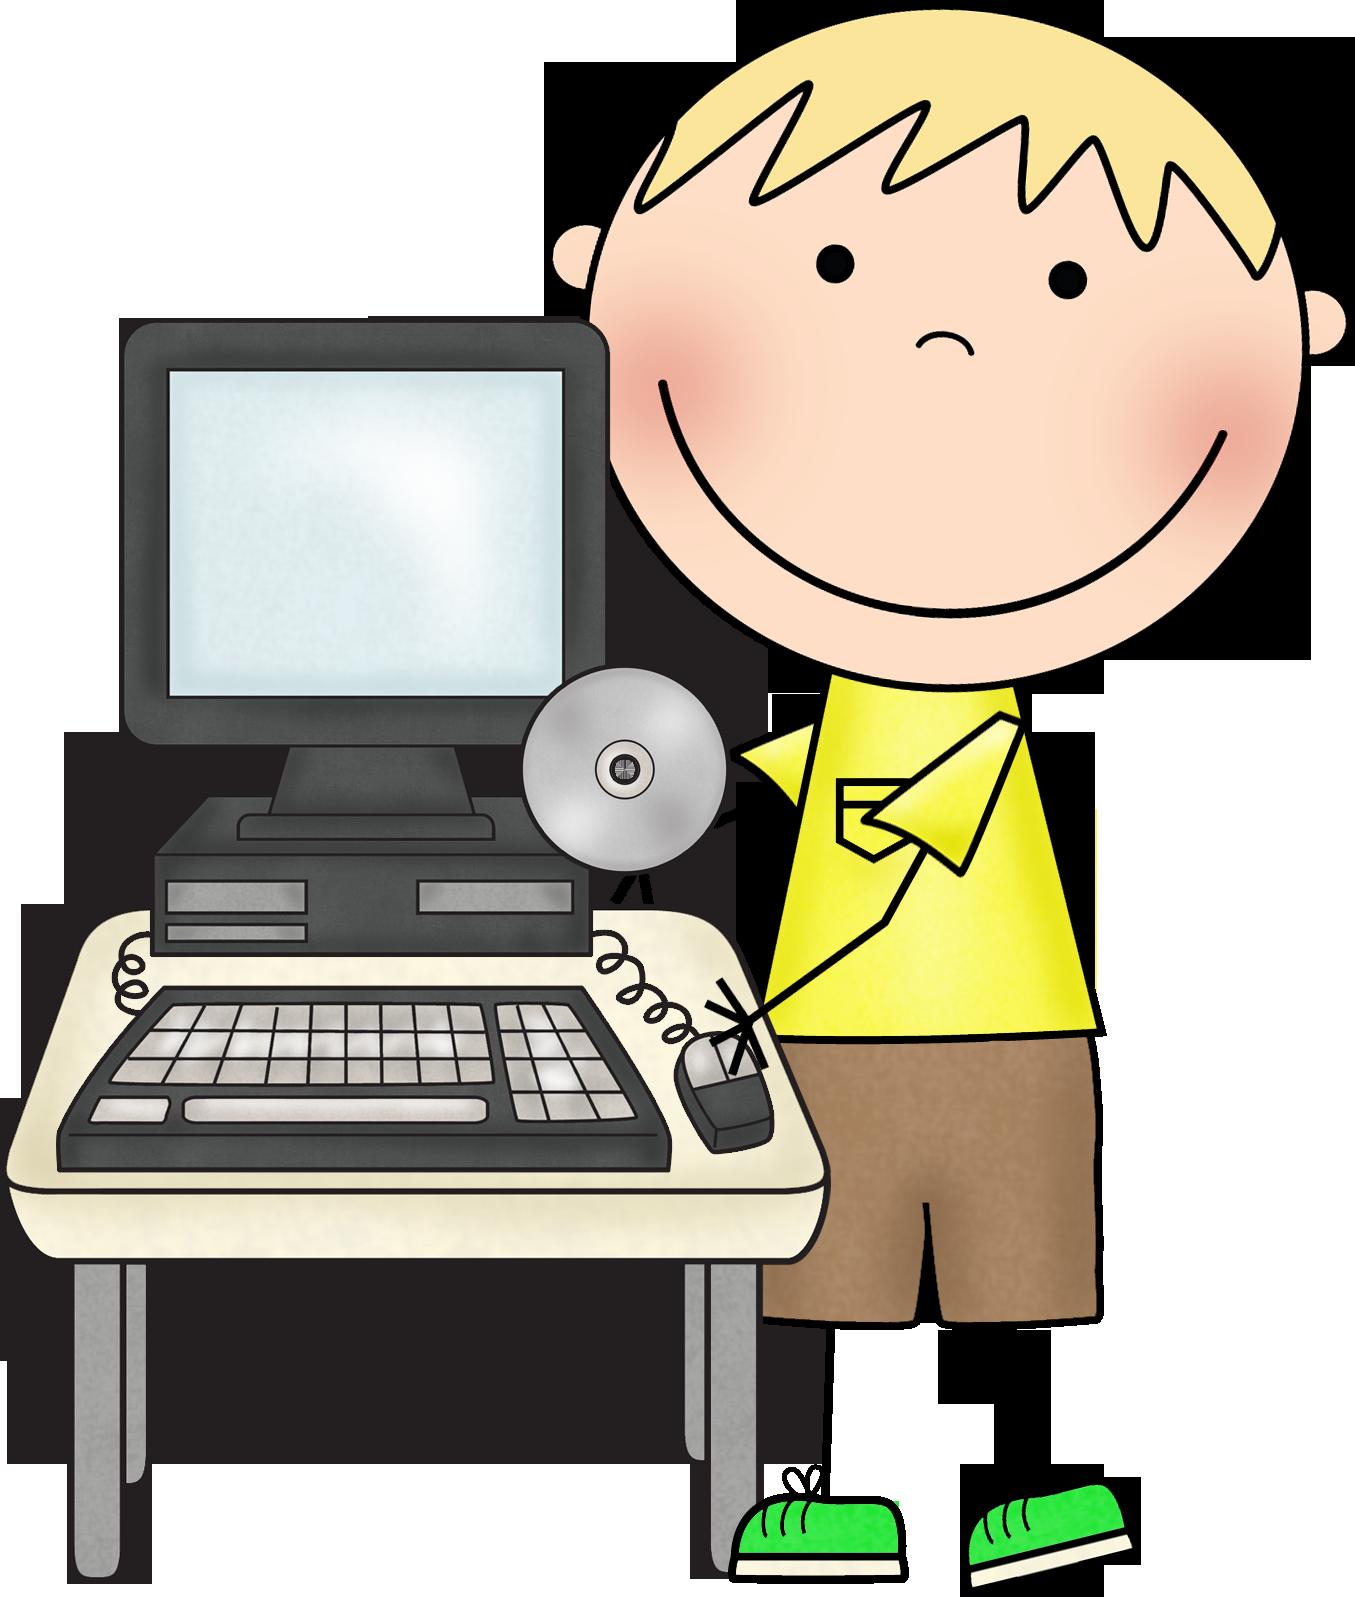 Компьютер в прикольных картинках для детей, крещением стихах